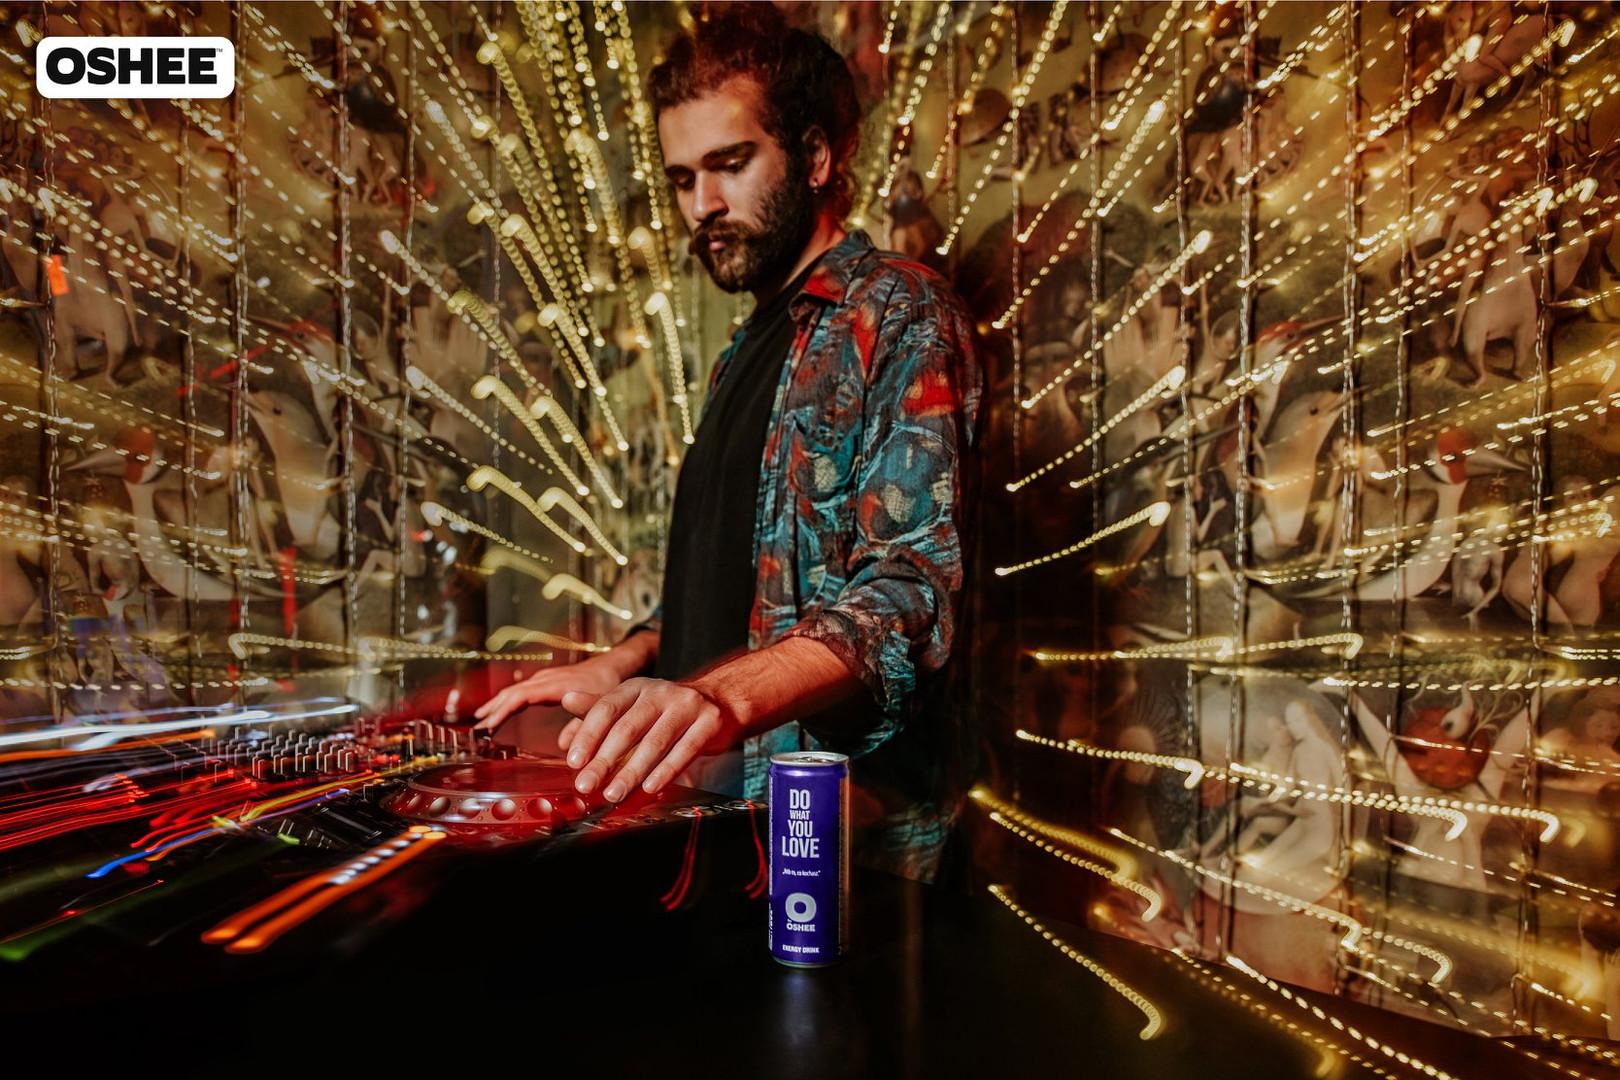 dj at blow bar